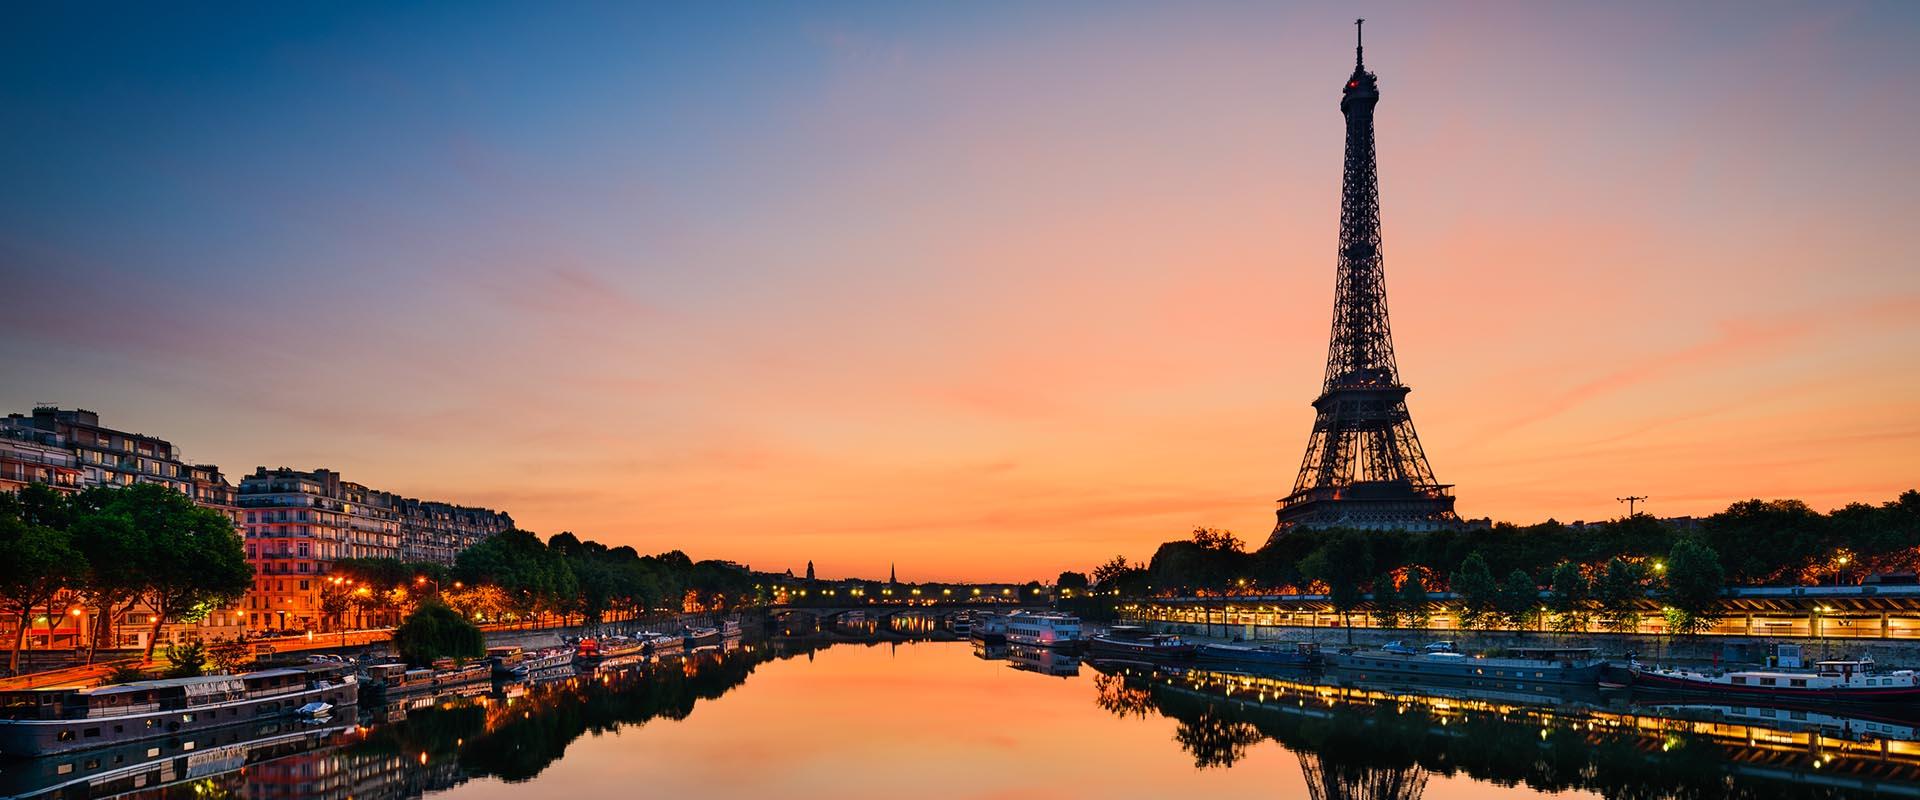 سوغاتی های پاریس